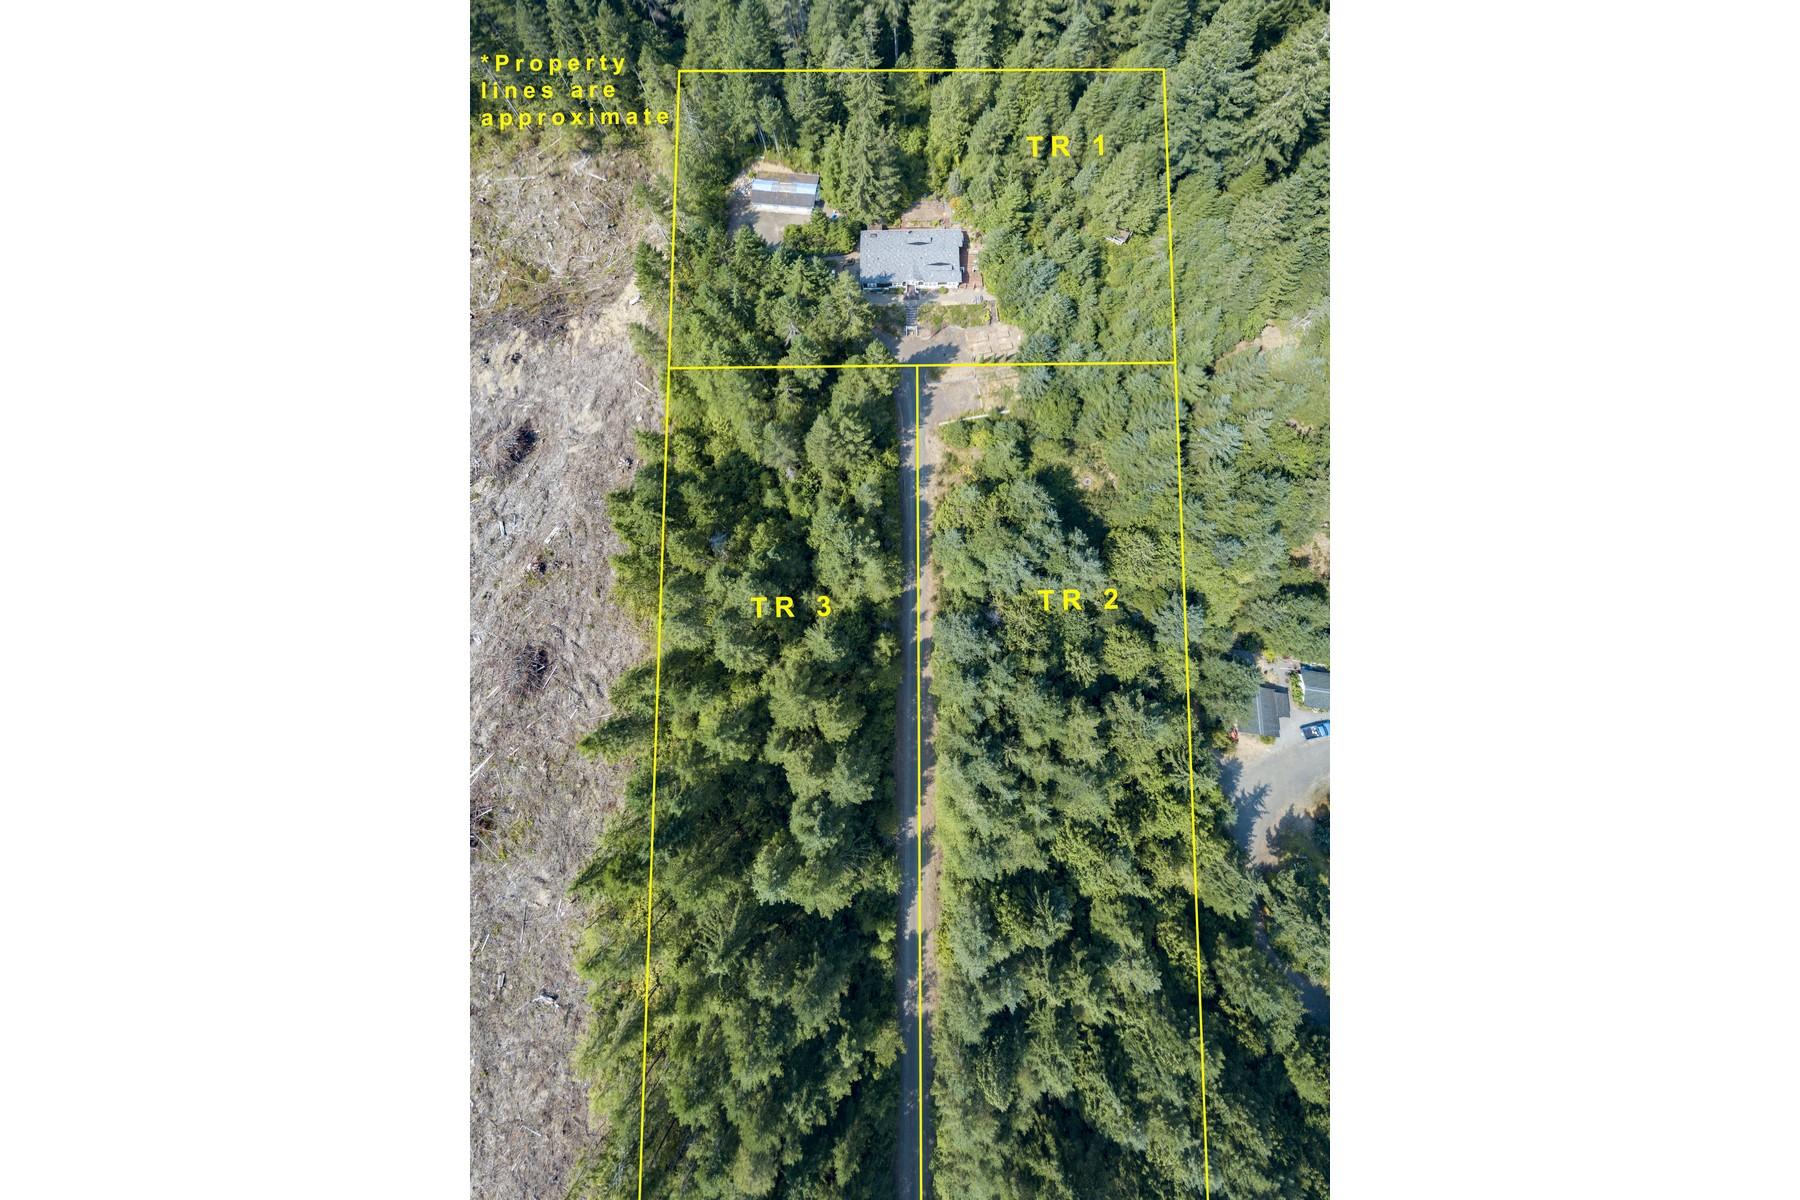 Additional photo for property listing at Shelton Land 3 N Hoodcastle Dr Shelton, Washington 98584 United States